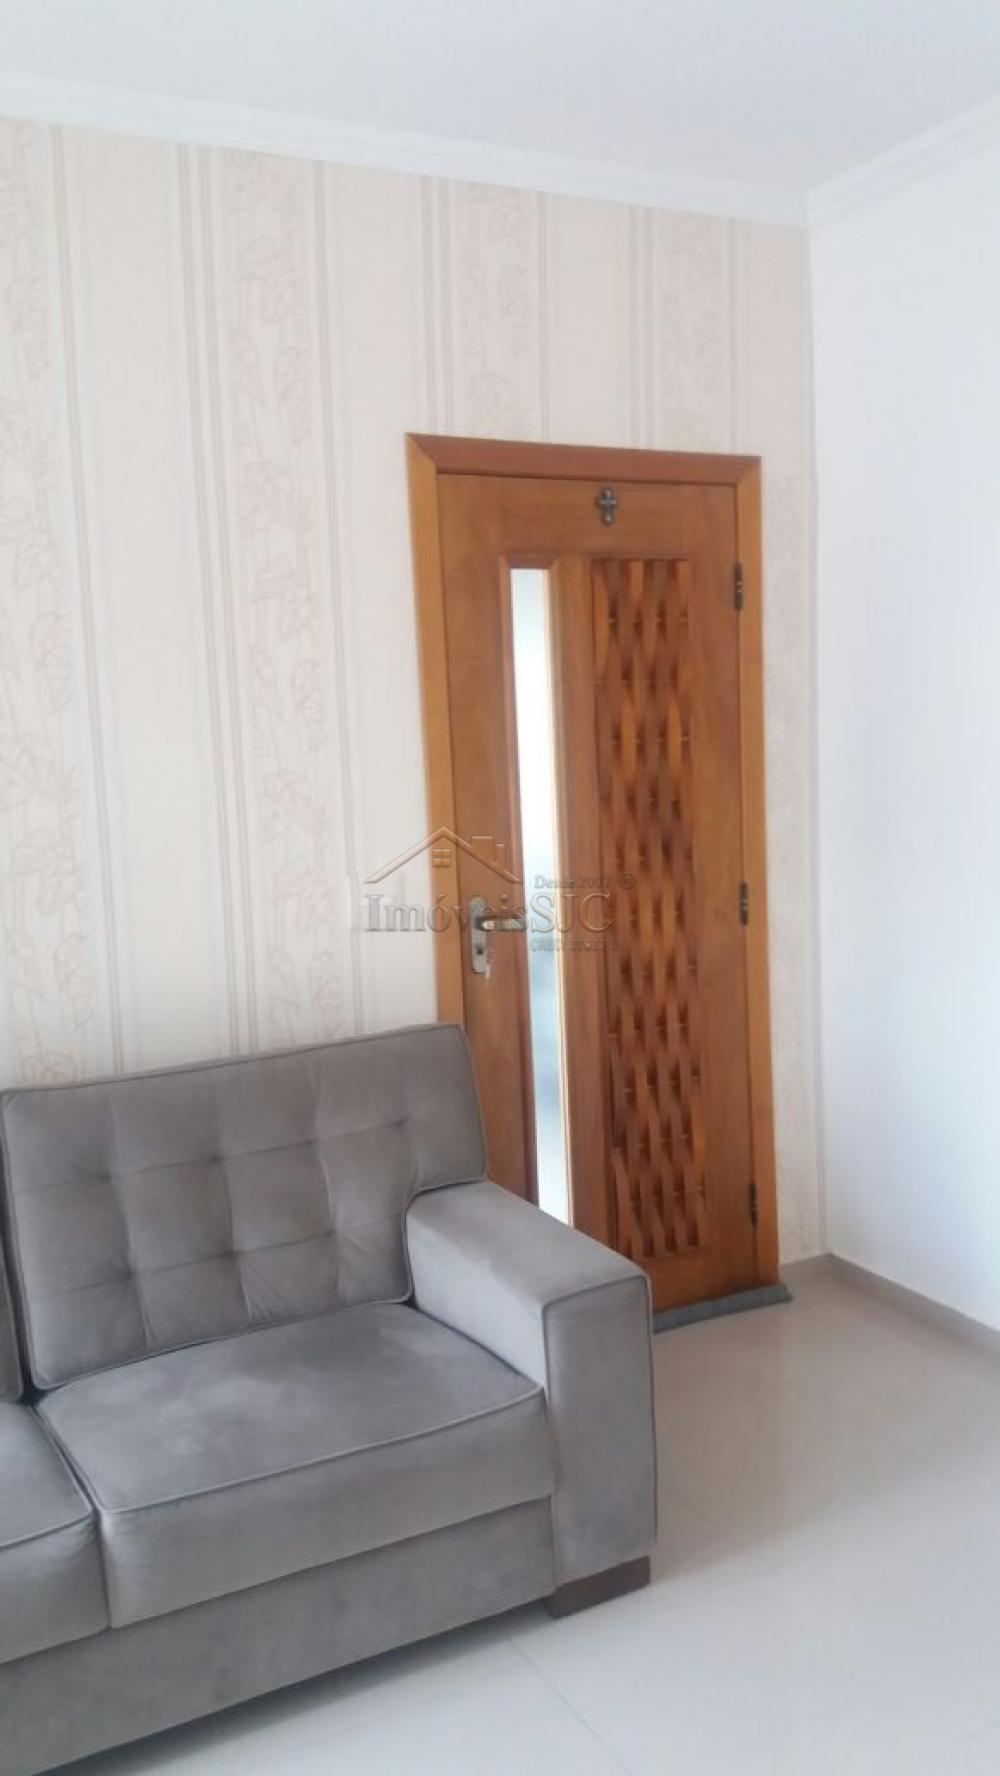 Comprar Casas / Condomínio em Caçapava apenas R$ 530.000,00 - Foto 4